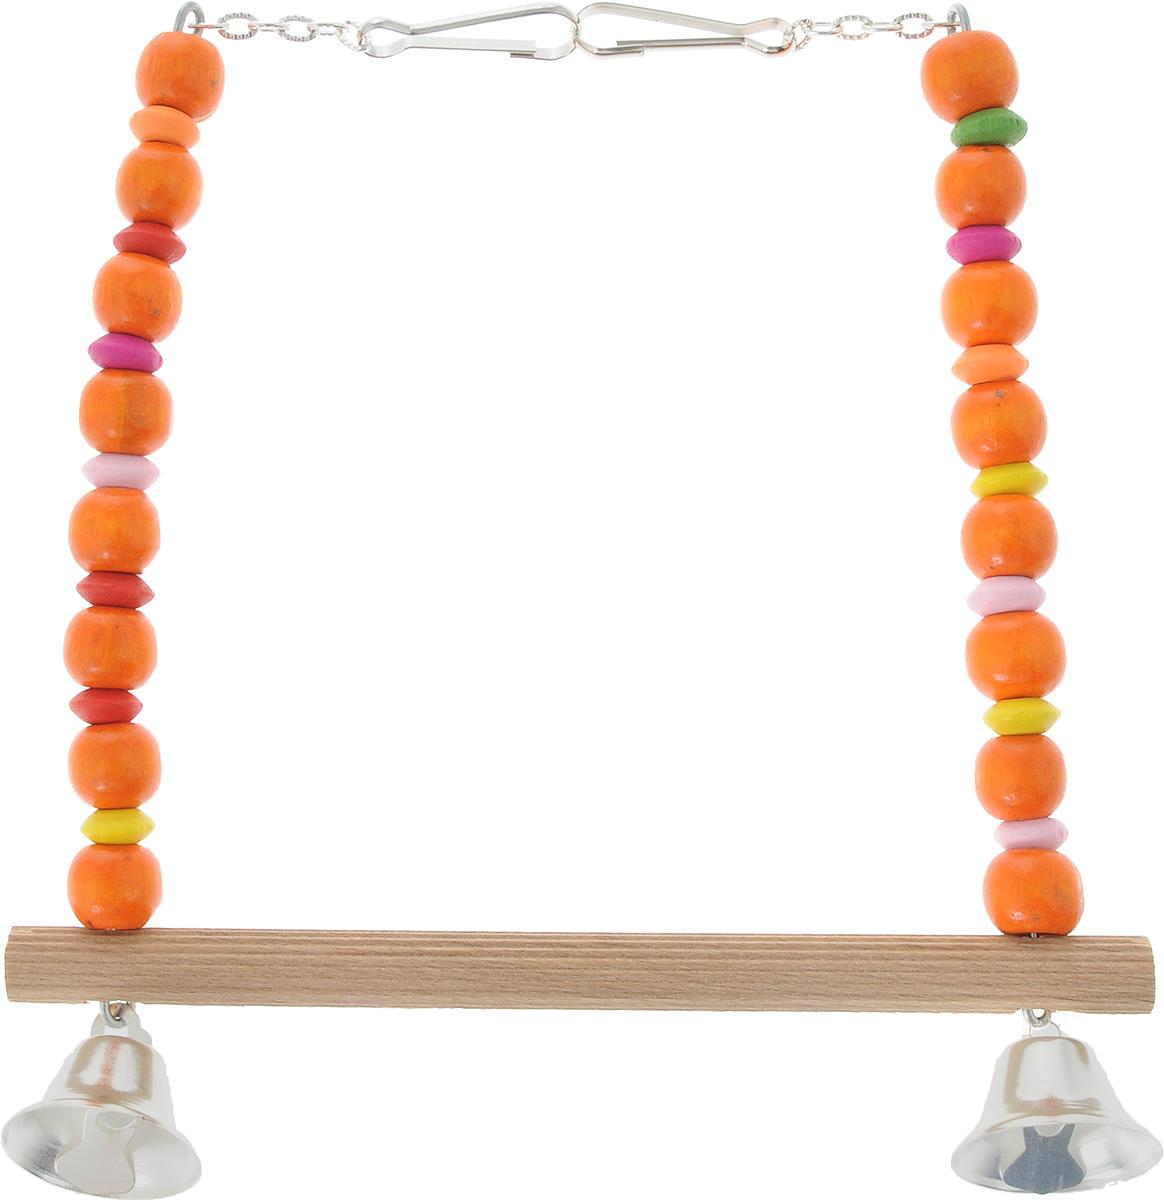 Игрушка для птиц Zoobaloo Качели. Африка, цвет: оранжевый, розовый. 57312171996Игрушка Zoobaloo Качели. Африка - превосходный аксессуар для снятия стресса и развлечения вашего пернатого компаньона! Экзотическая расцветка, деревянная жердочка, чтобы не повредить нежные лапки, и два звонких колокольчика! Кроме того, качельки имеют два удобных карабина для подвешивания в клетке.